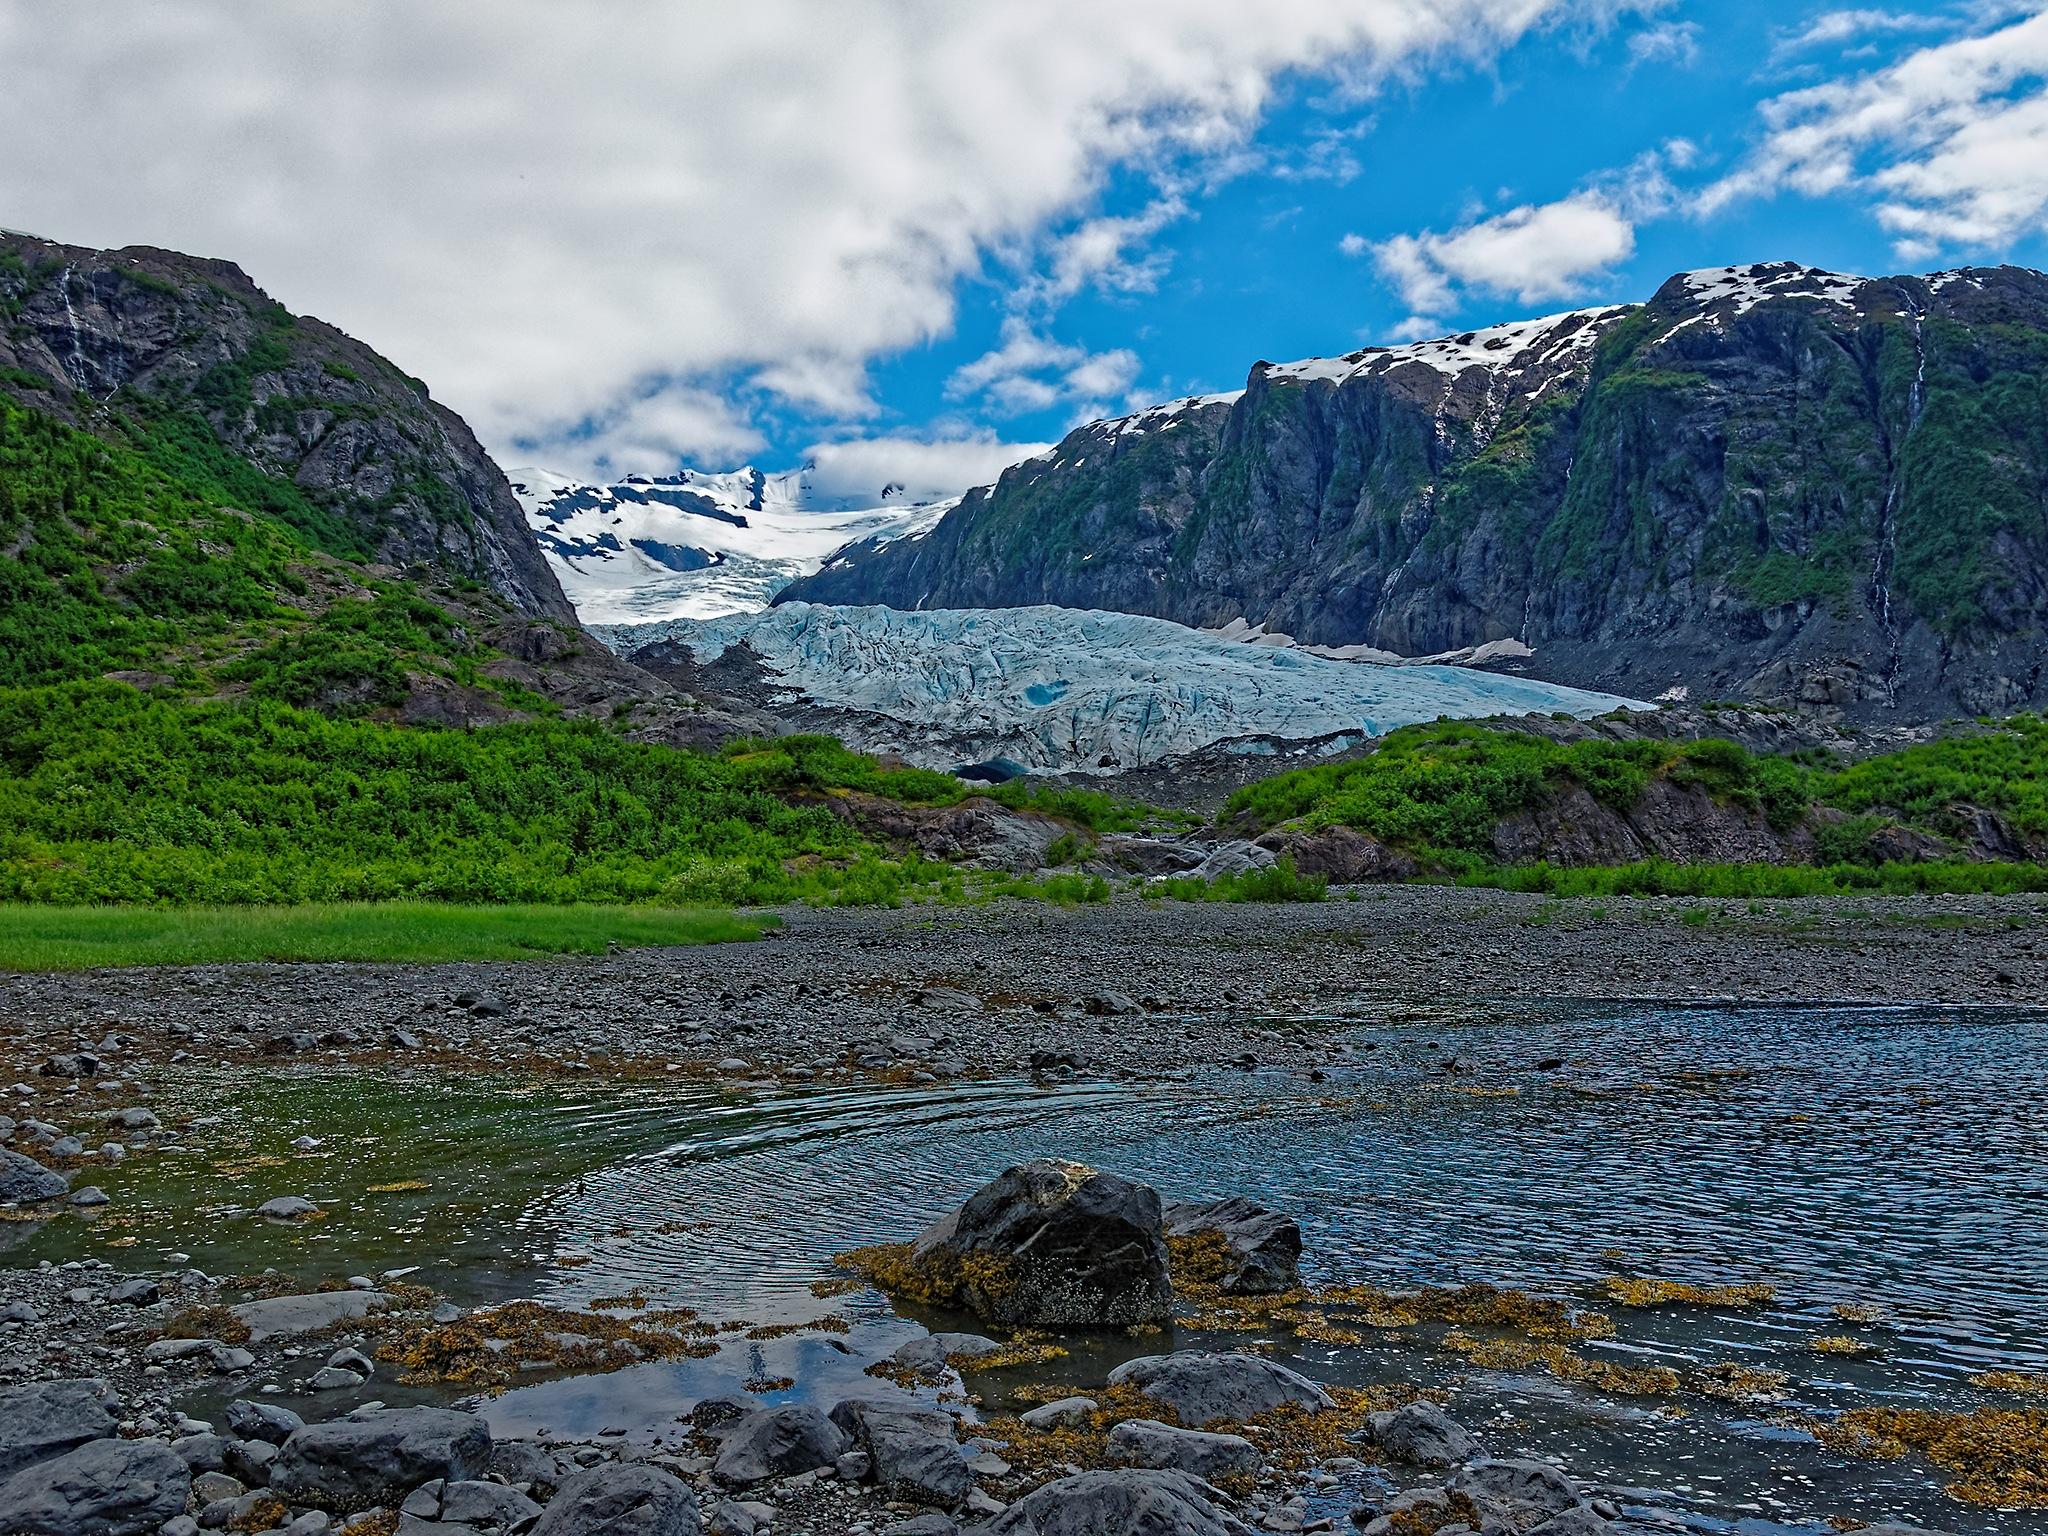 Water & Ice by Herbert Stachelberger